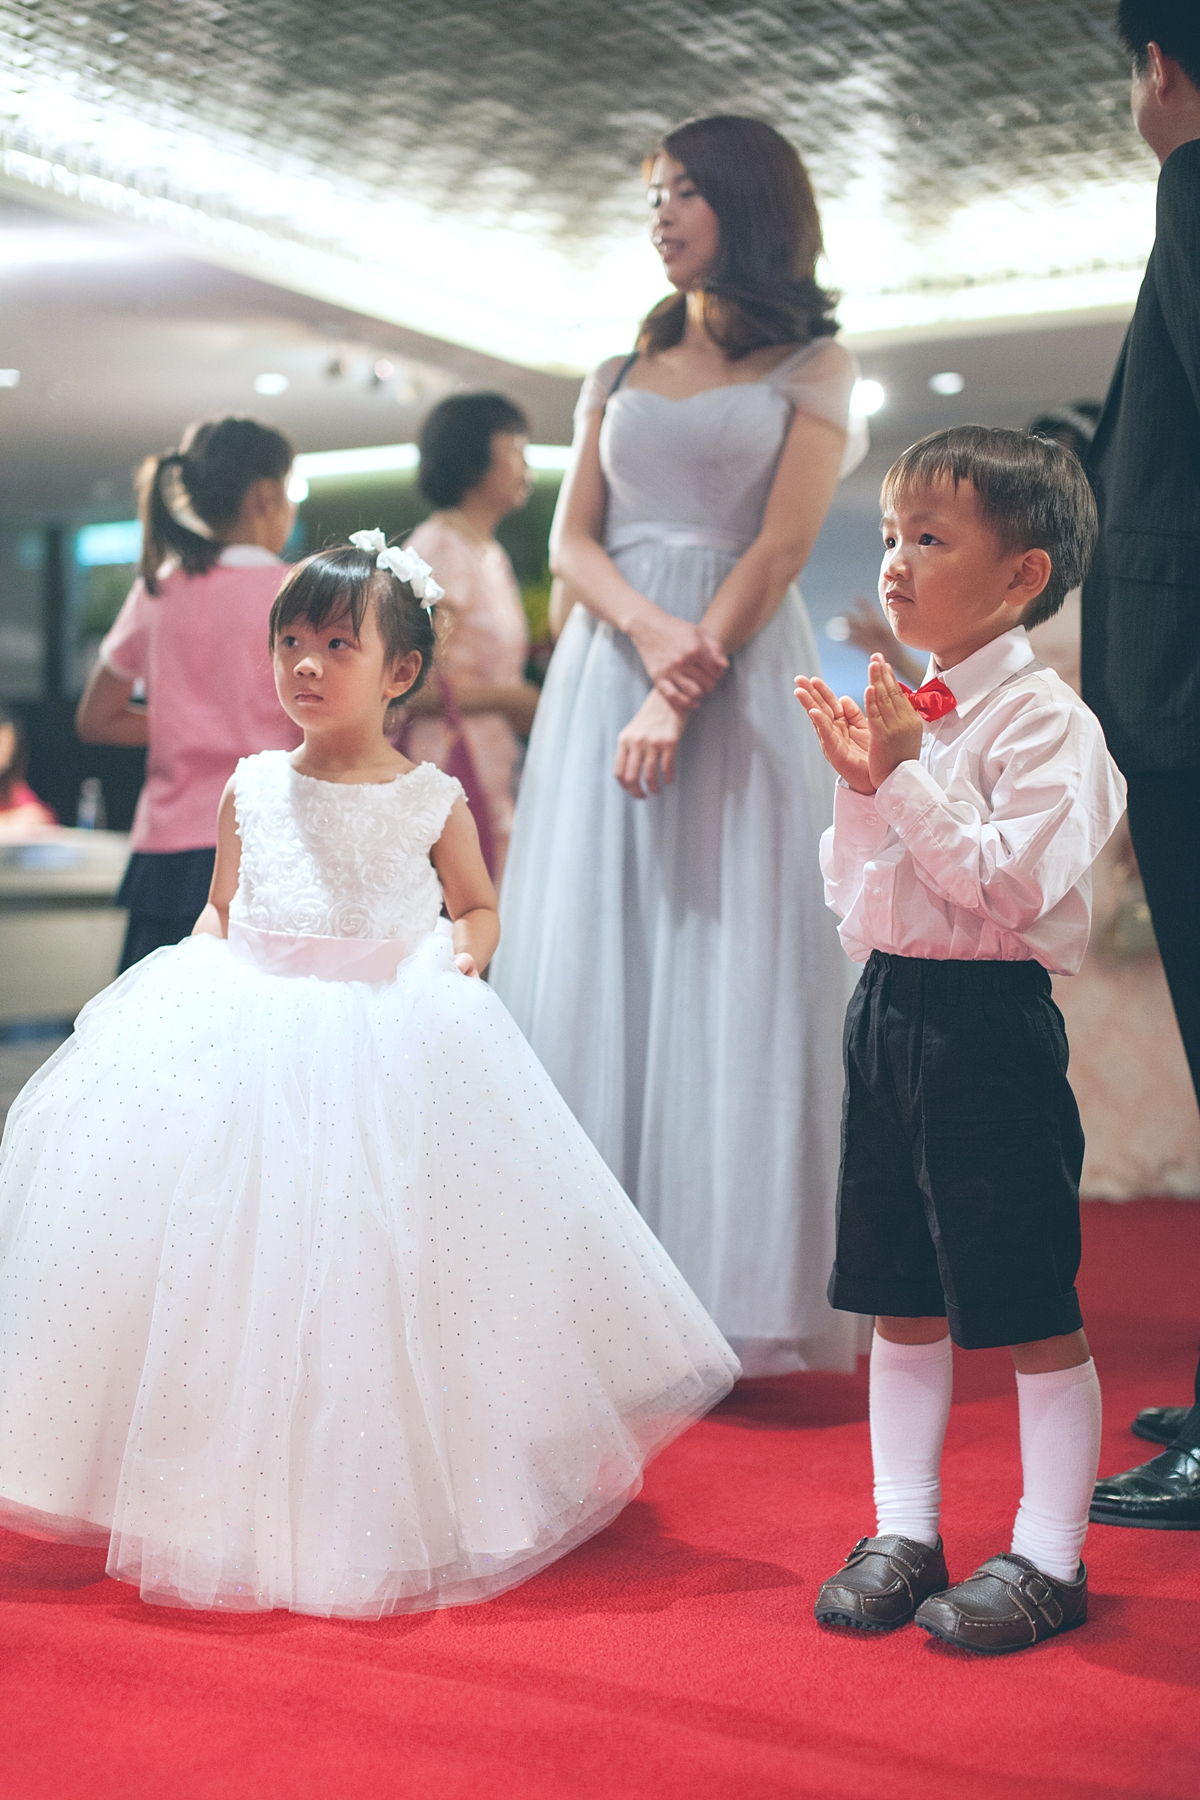 婚禮攝影,婚攝,婚禮記錄,台北,晶華酒店,底片風格,自然